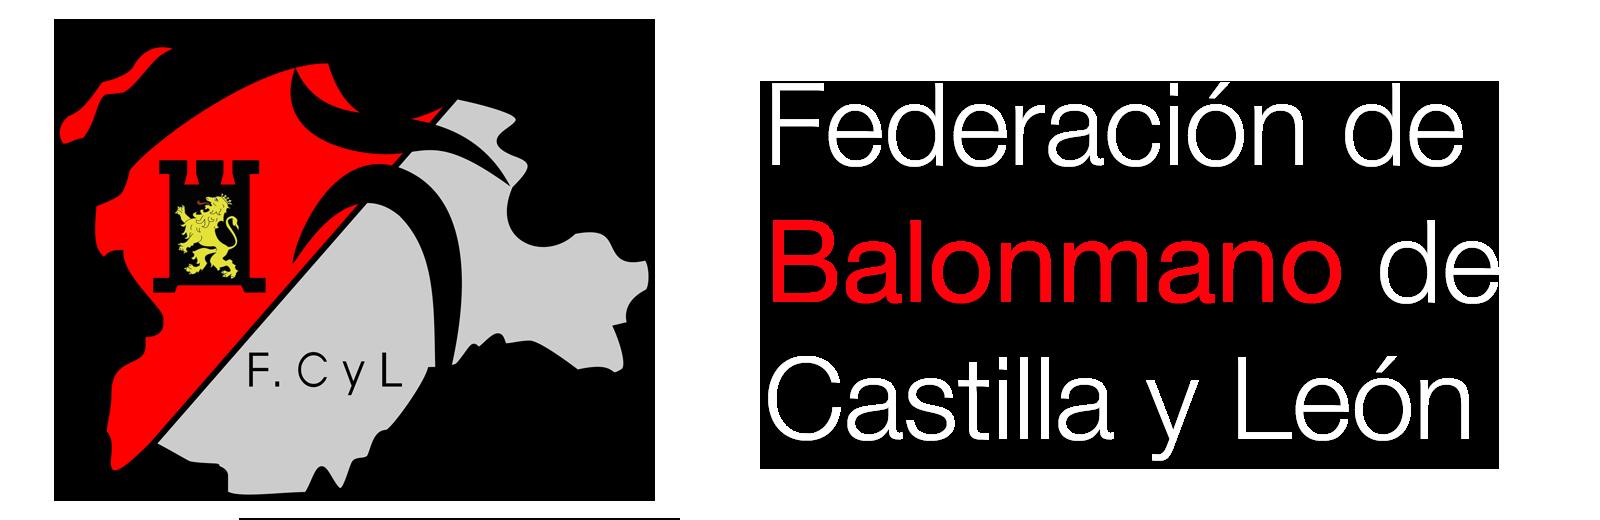 Delegación de Segovia de la Federación Territorial de Balonmano de Castilla y León